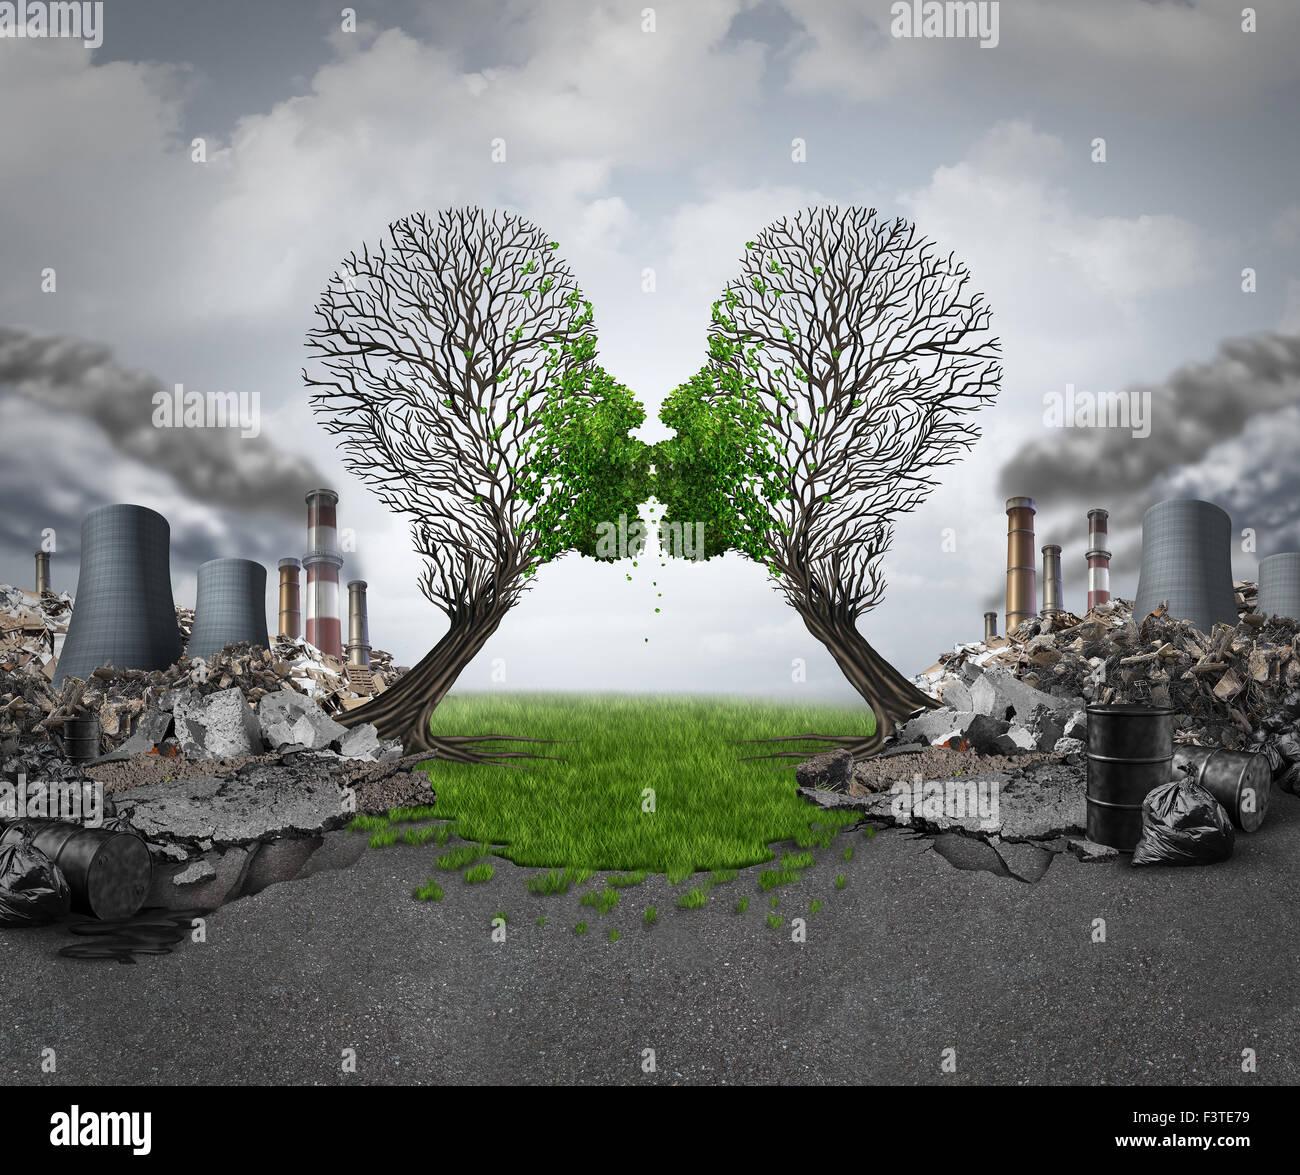 Clima de recuperación y renovación ambiental como dos árboles de vacío en forma de cabezas humanas Imagen De Stock